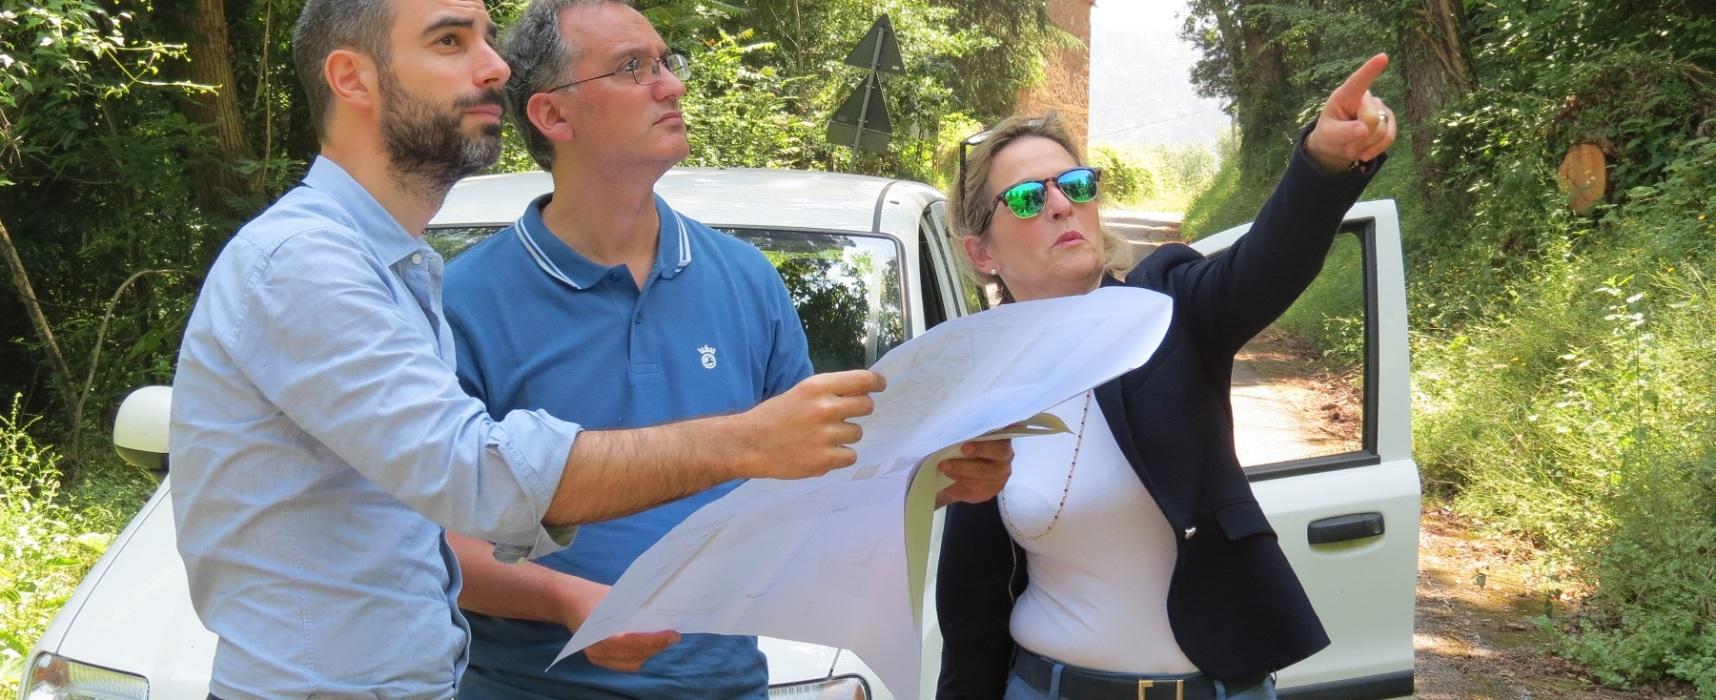 Frana di Chiatri: sopralluogo dell'assessore Raspini e dei tecnici comunali